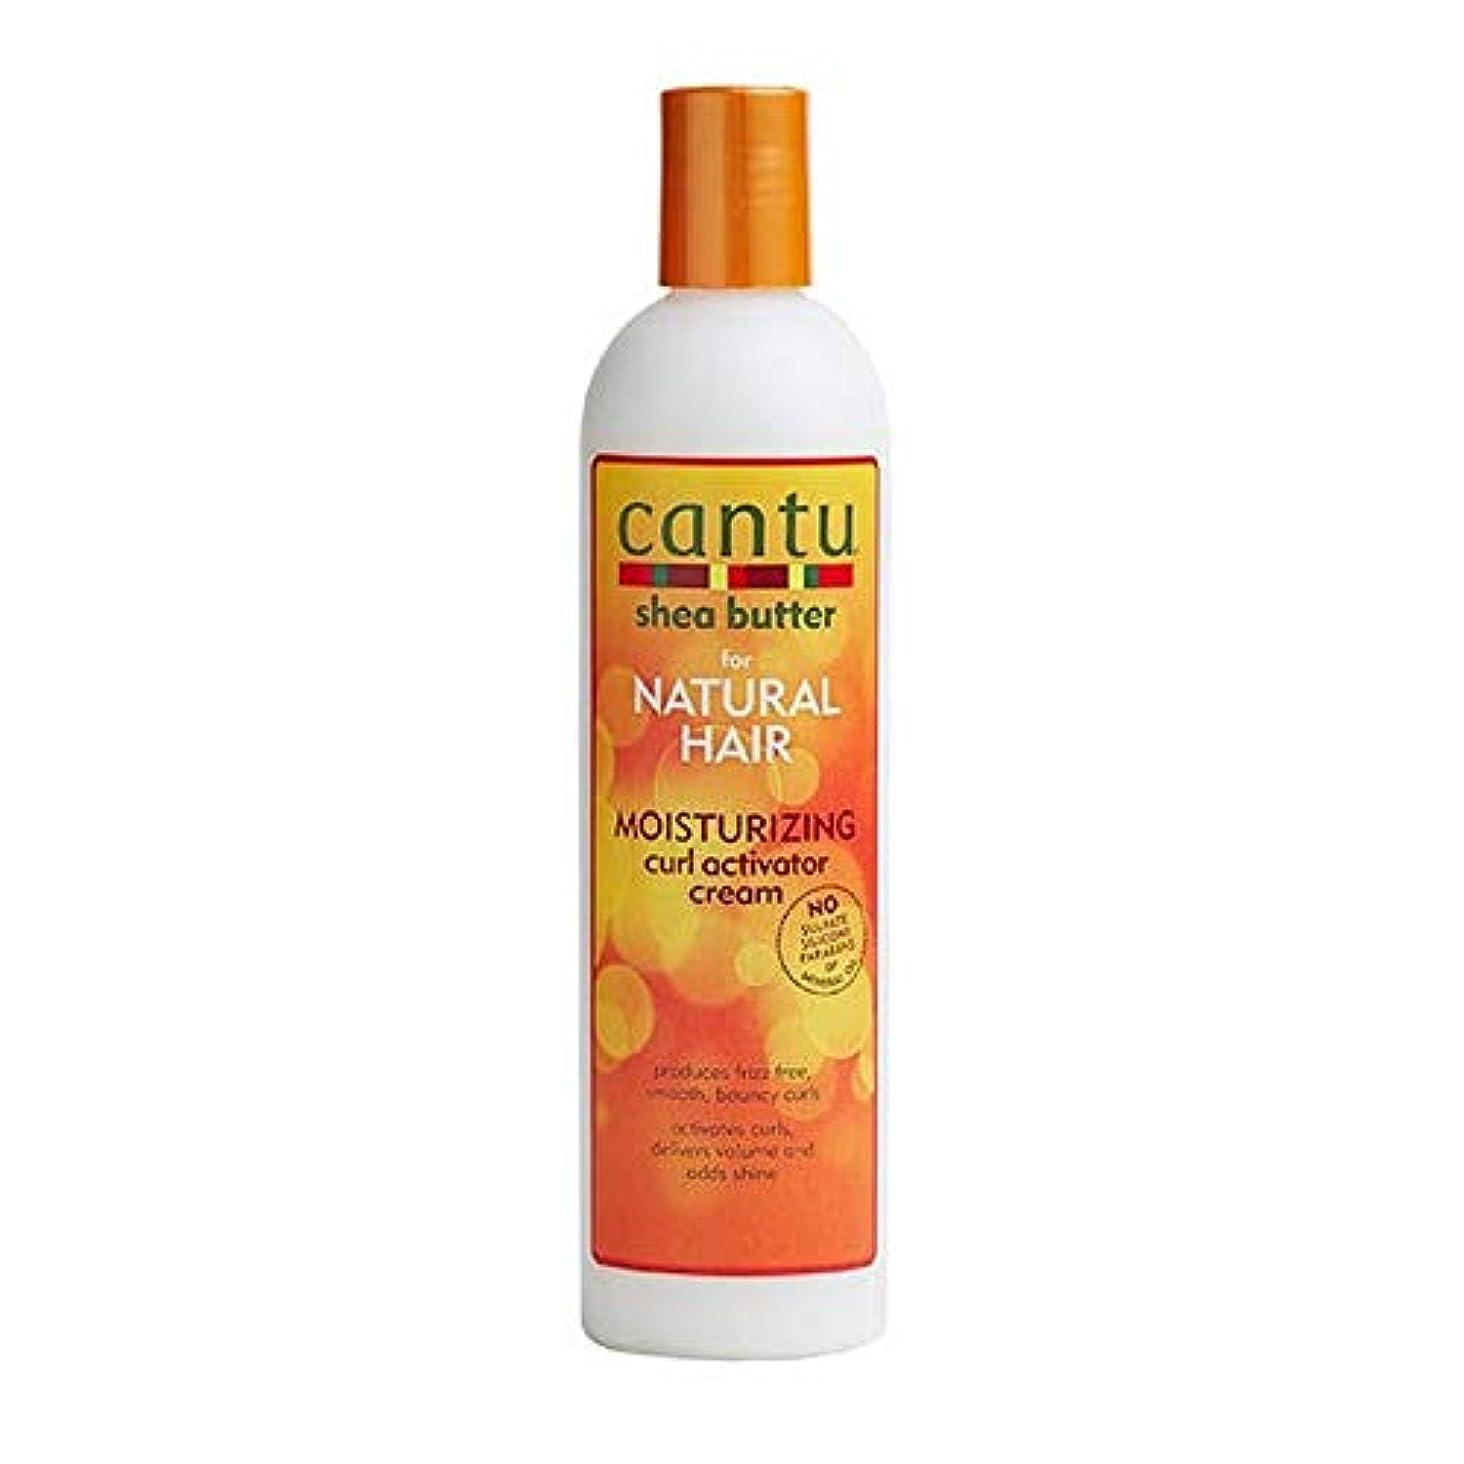 予防接種する半島ホームレス[Cantu ] カールアクチベータークリーム355ミリリットル保湿カントゥ自然な髪 - Cantu Natural Hair Moisturizing Curl Activator Cream 355ml [並行輸入品]